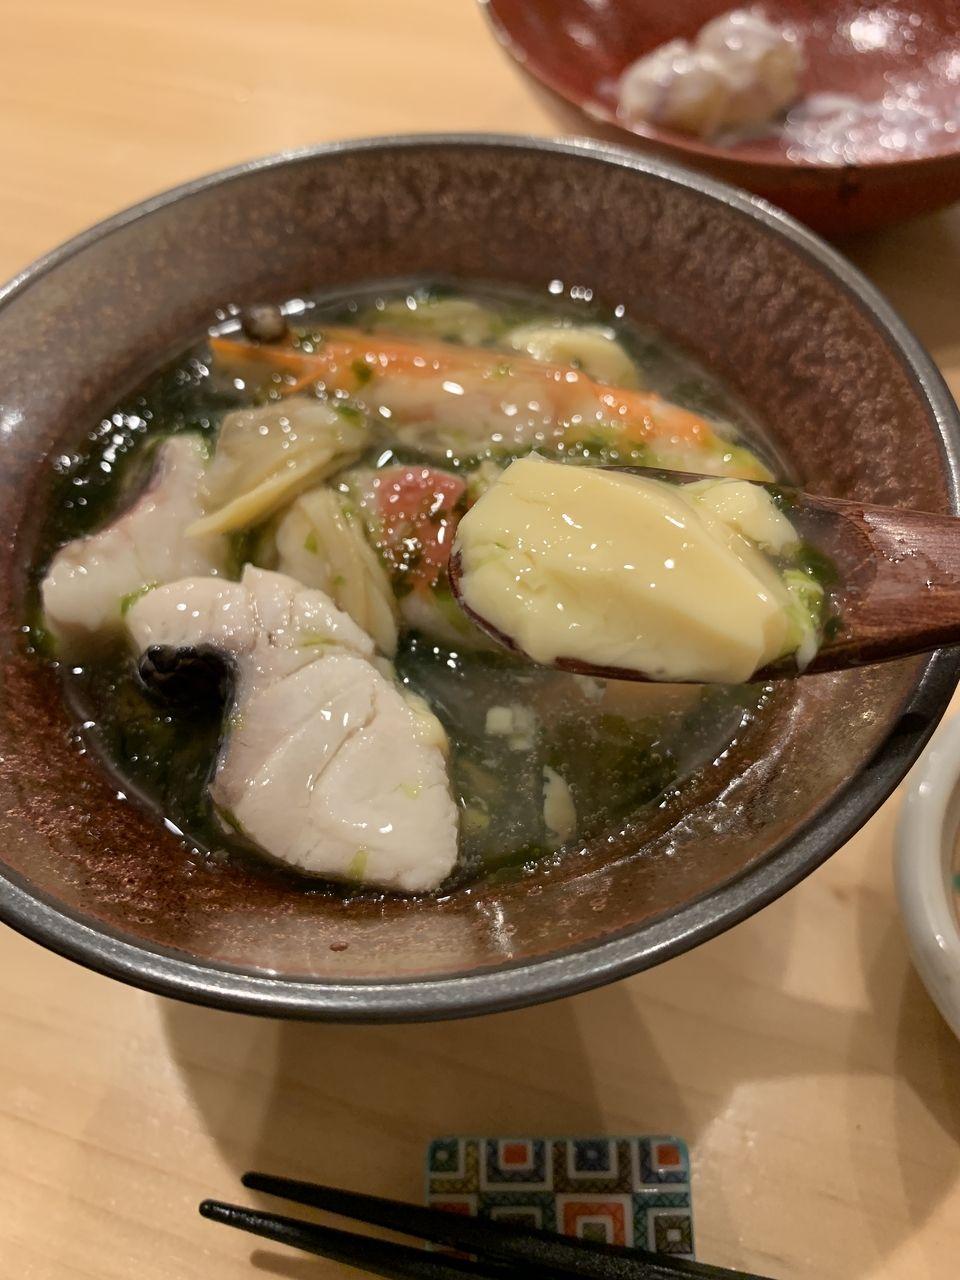 コの字サカバmihokiの茶碗蒸し